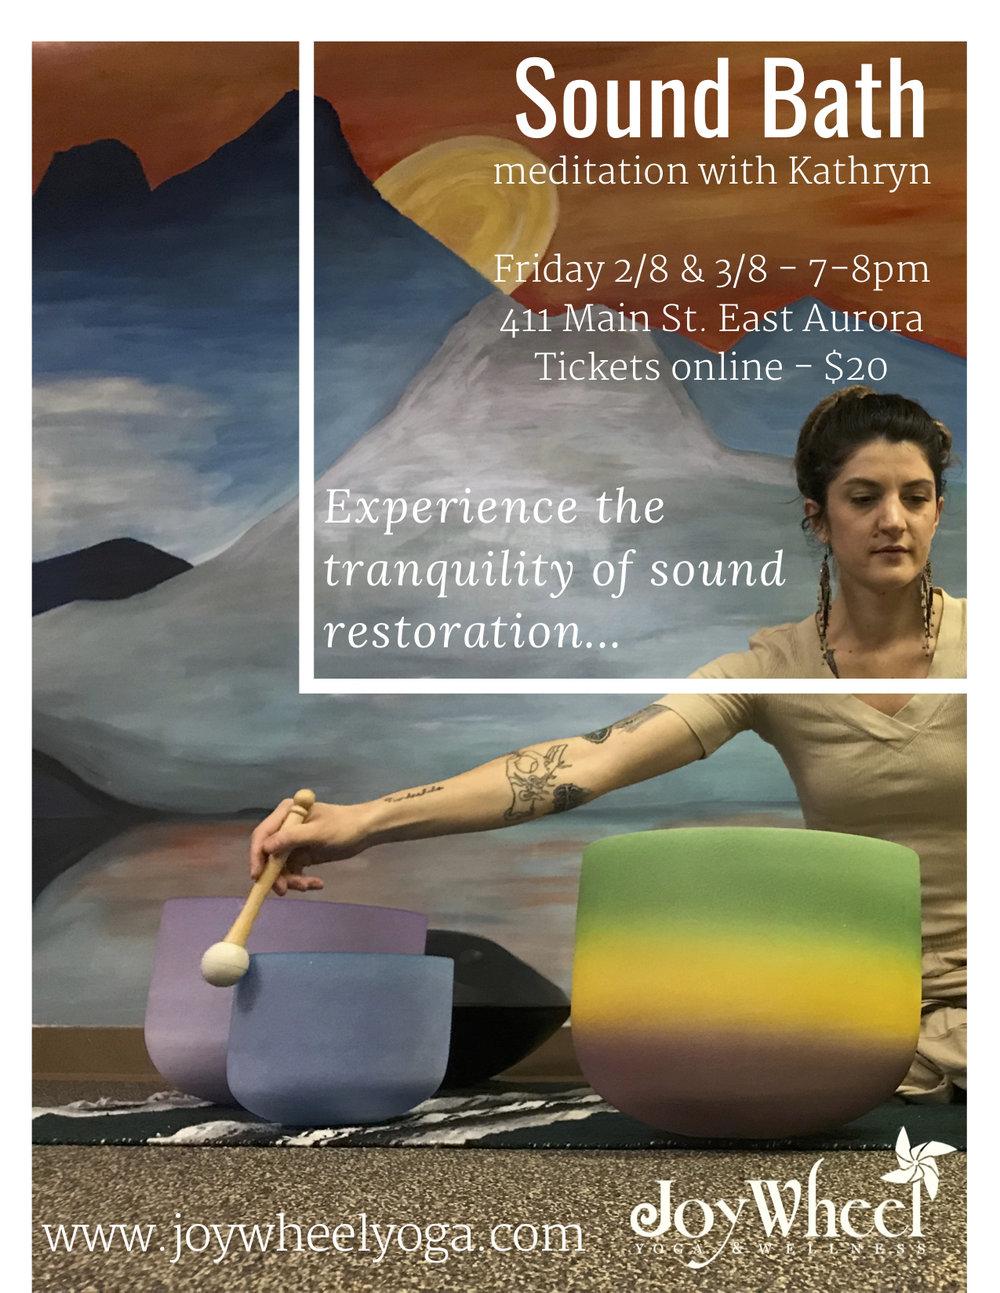 Sound Bath with Kathryn.jpg